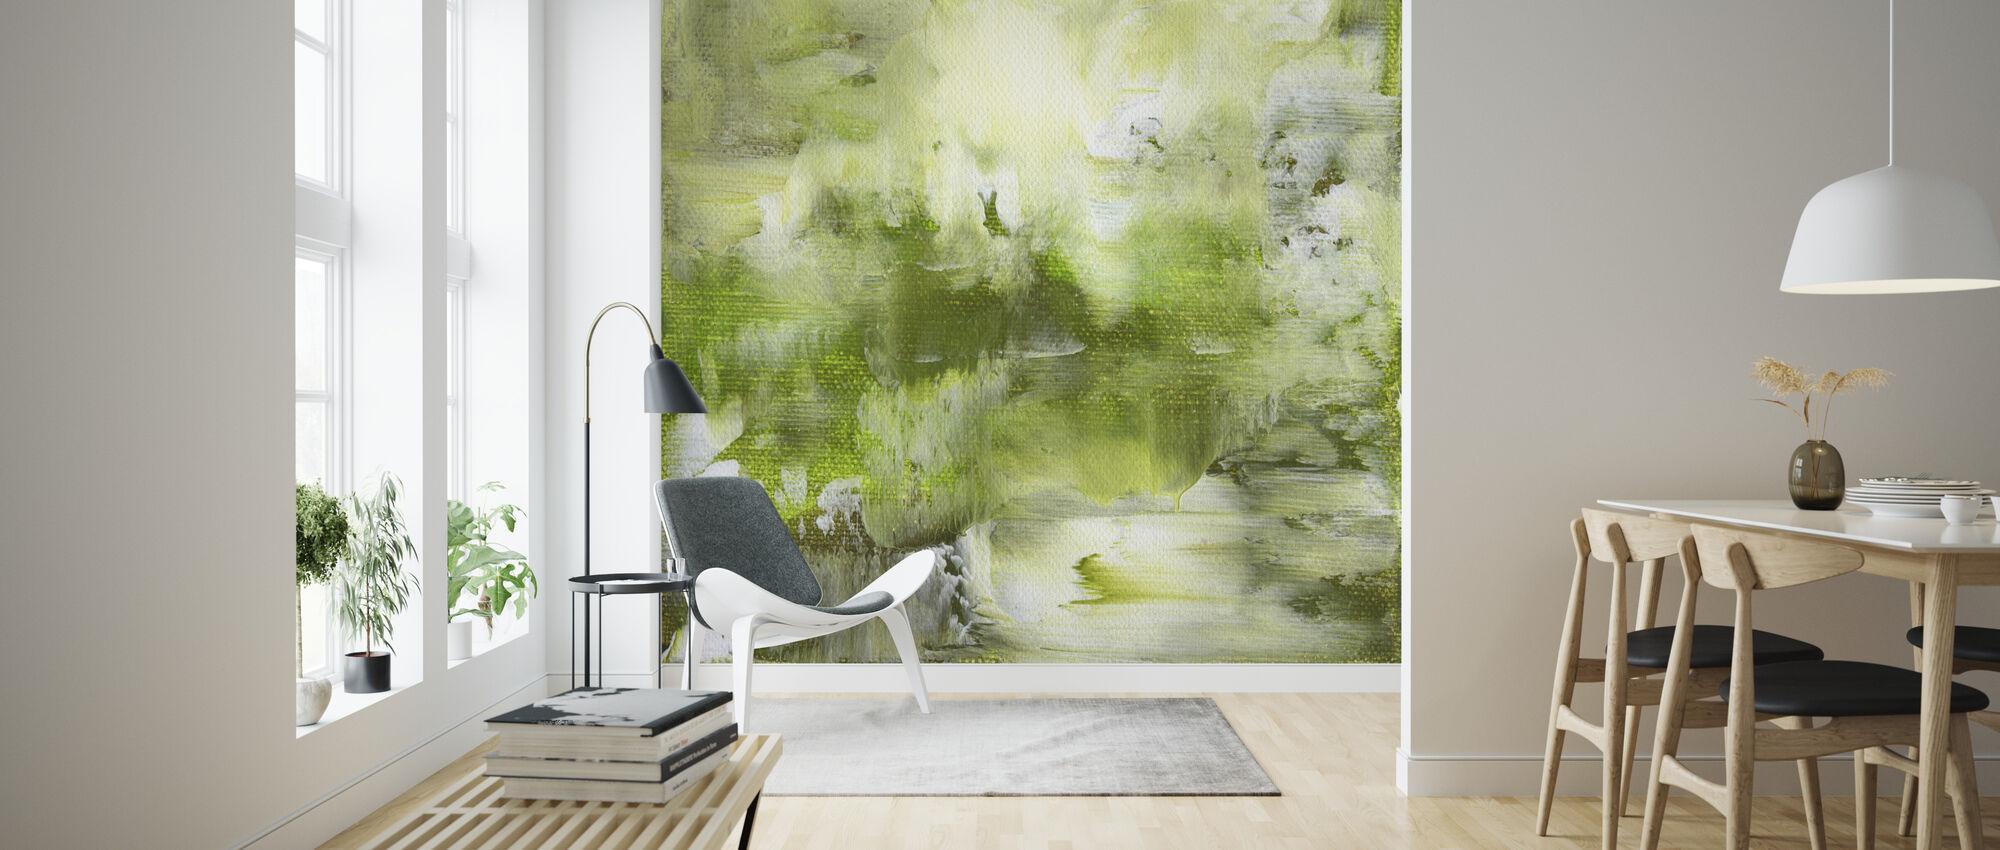 Shades of Green - Wallpaper - Living Room